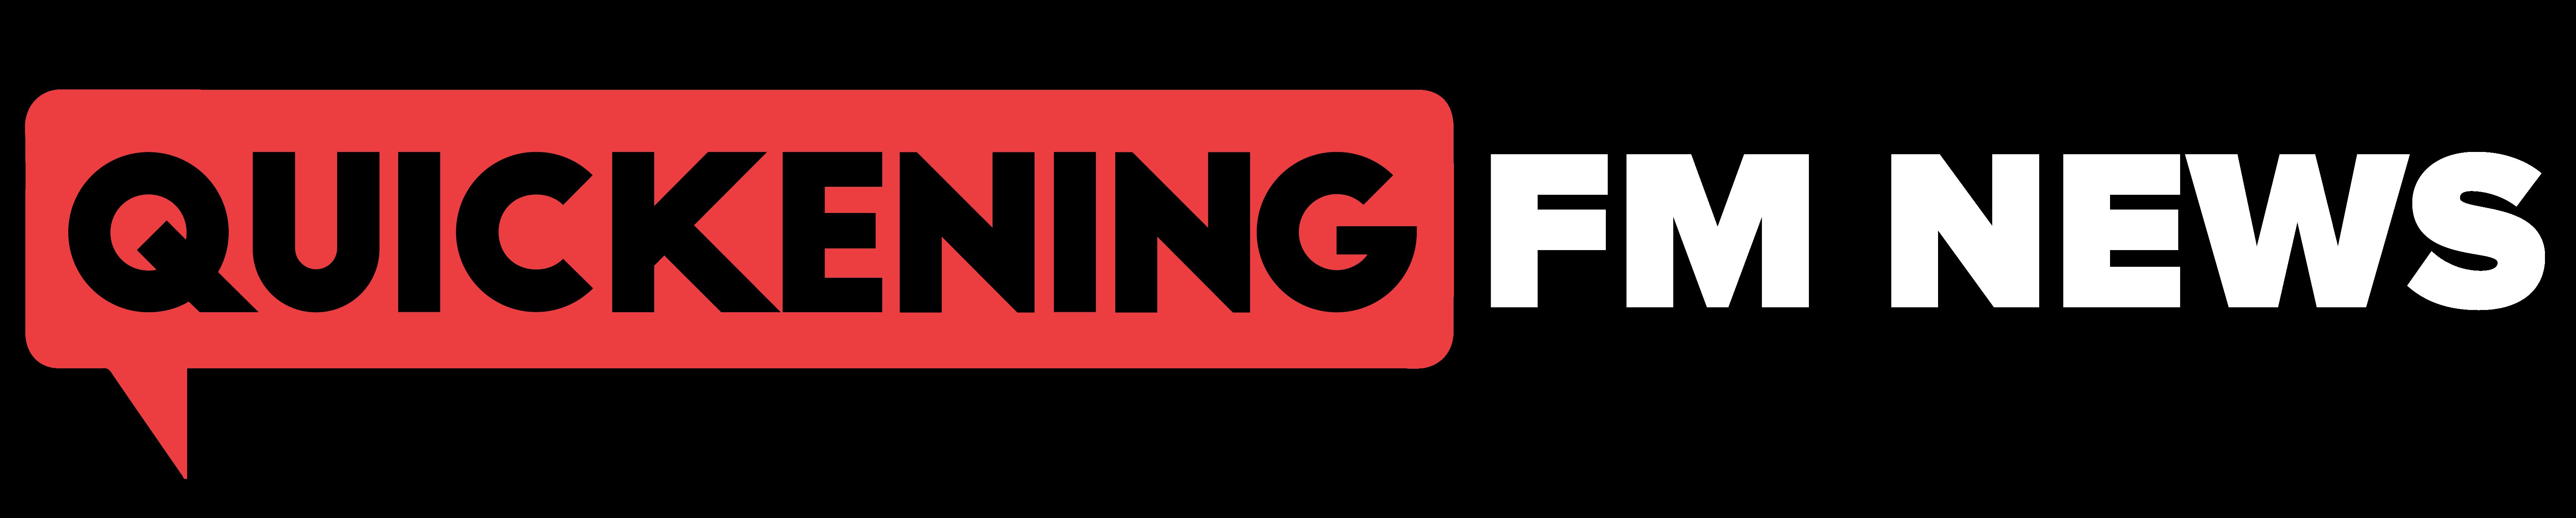 Quickening FM News